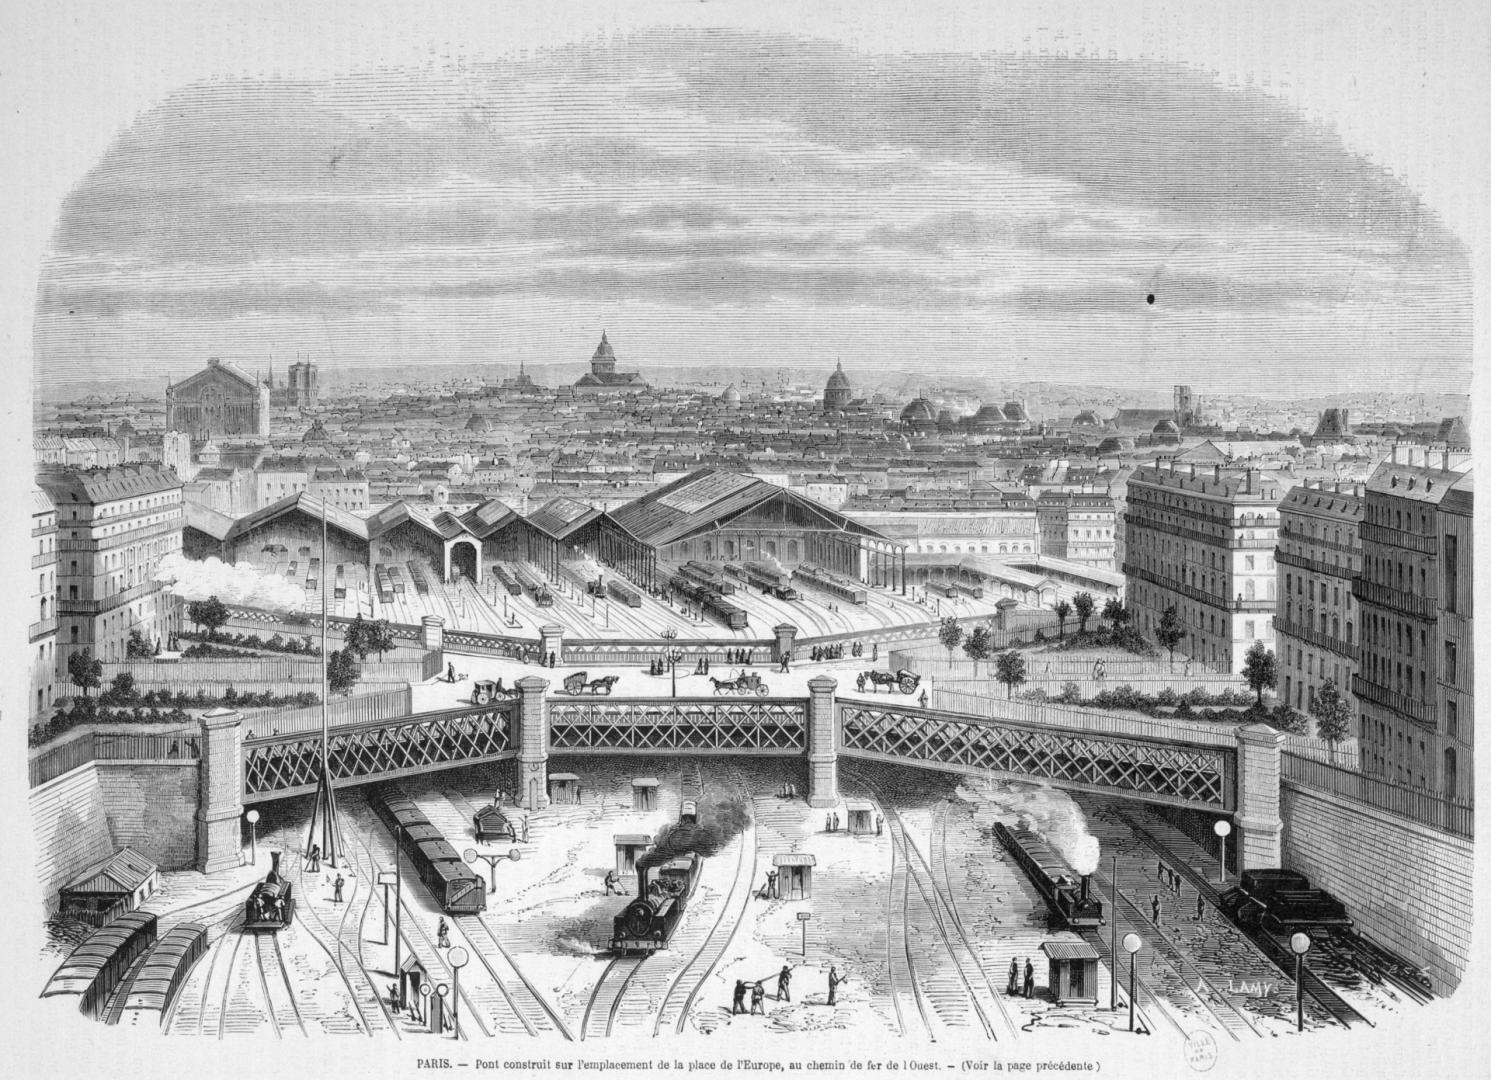 Fin du service voyageur de la Compagnie de l'Ouest (départ gare Saint Lazare)